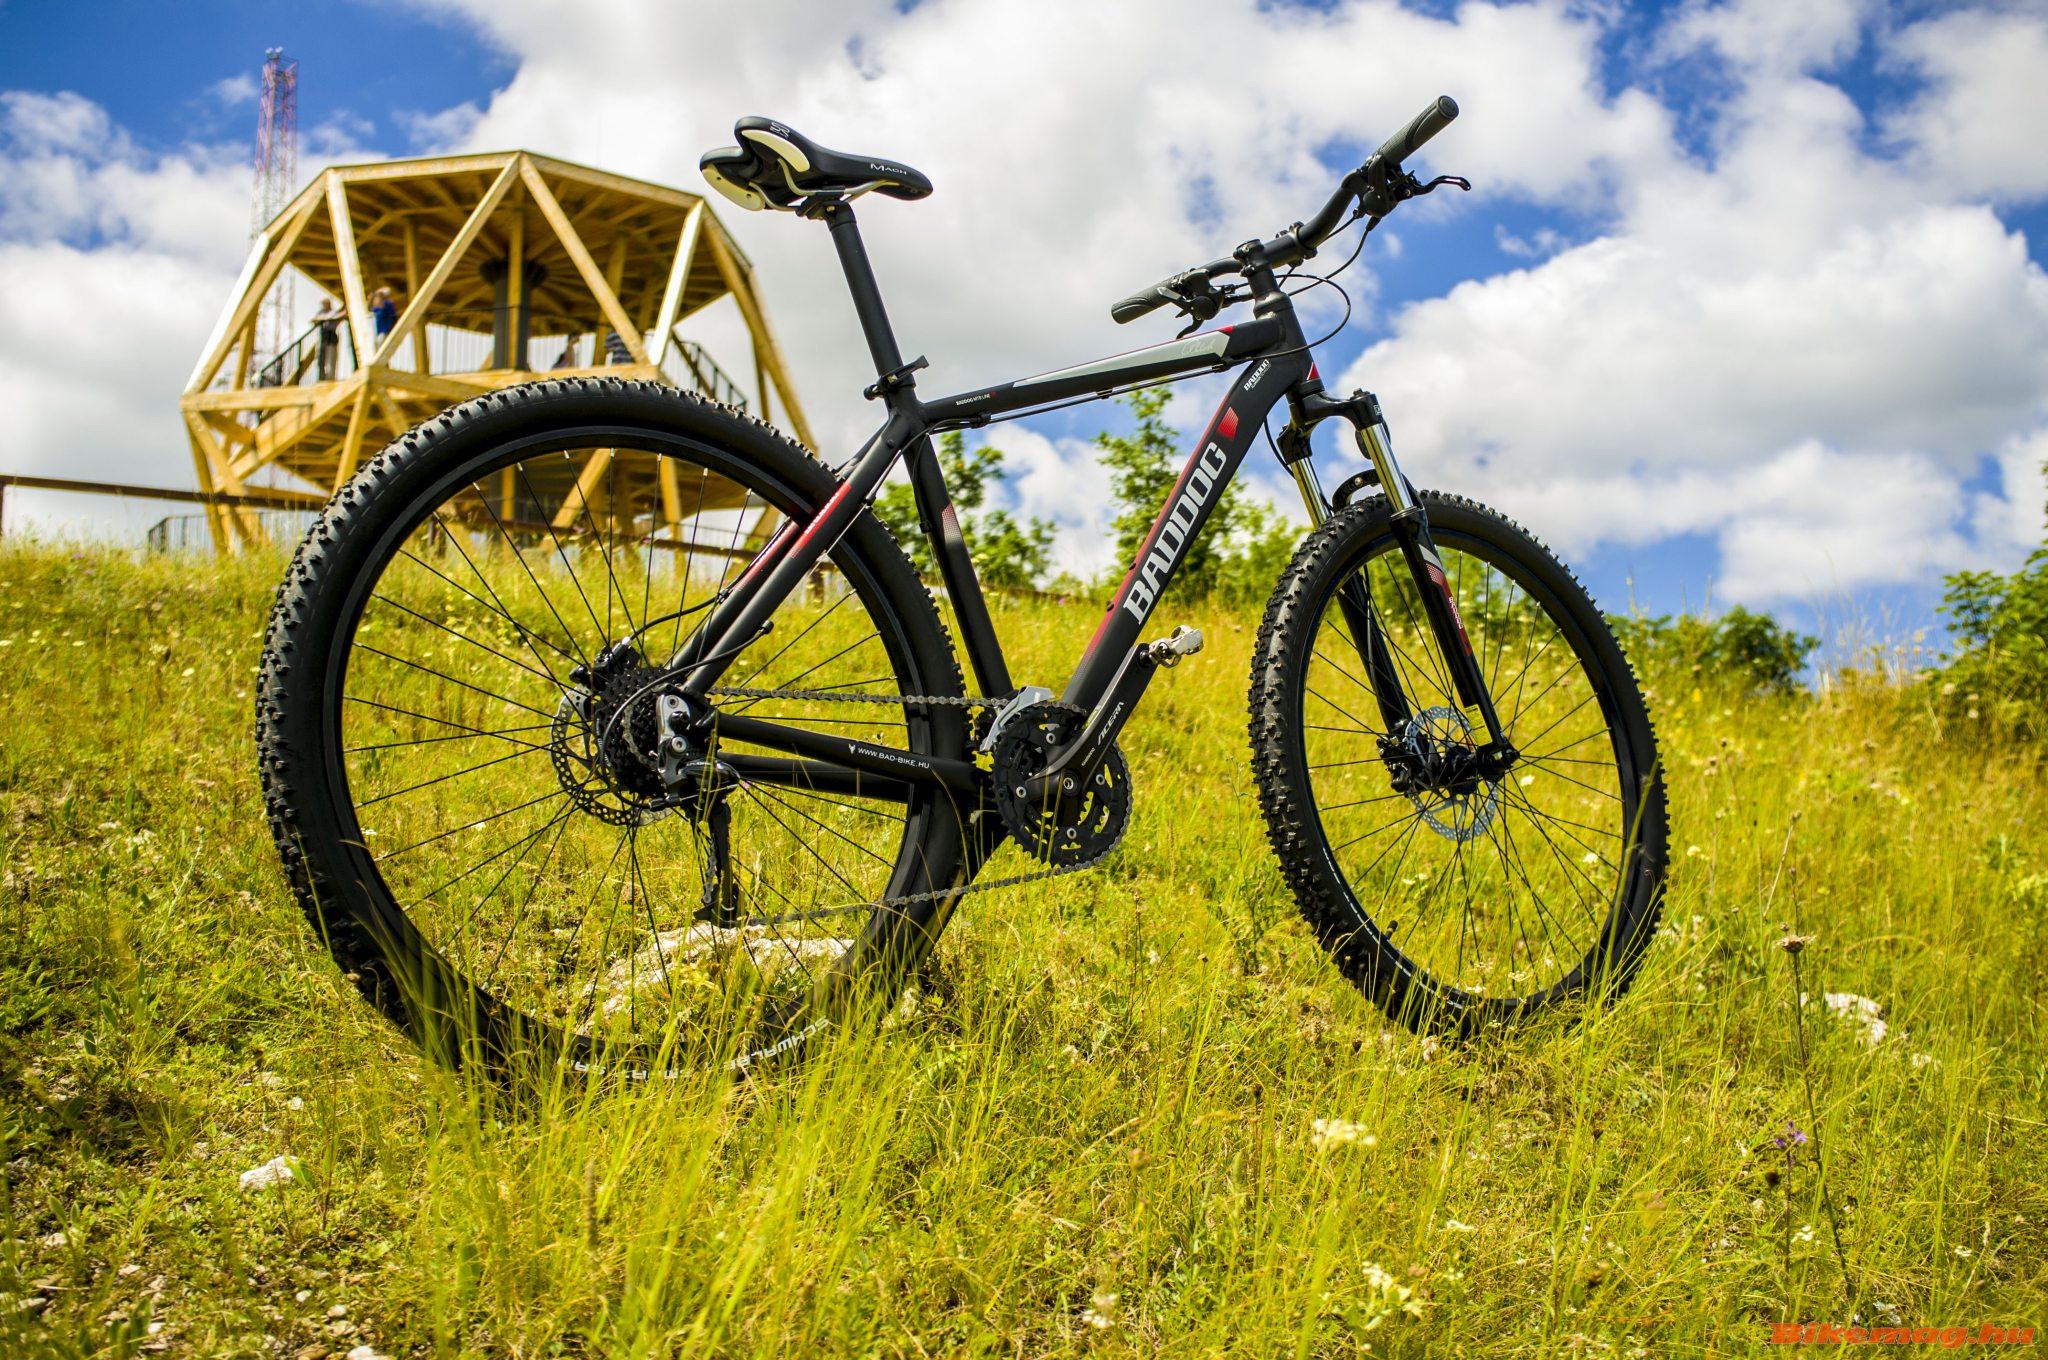 Baddog Akbash kerékpárteszt